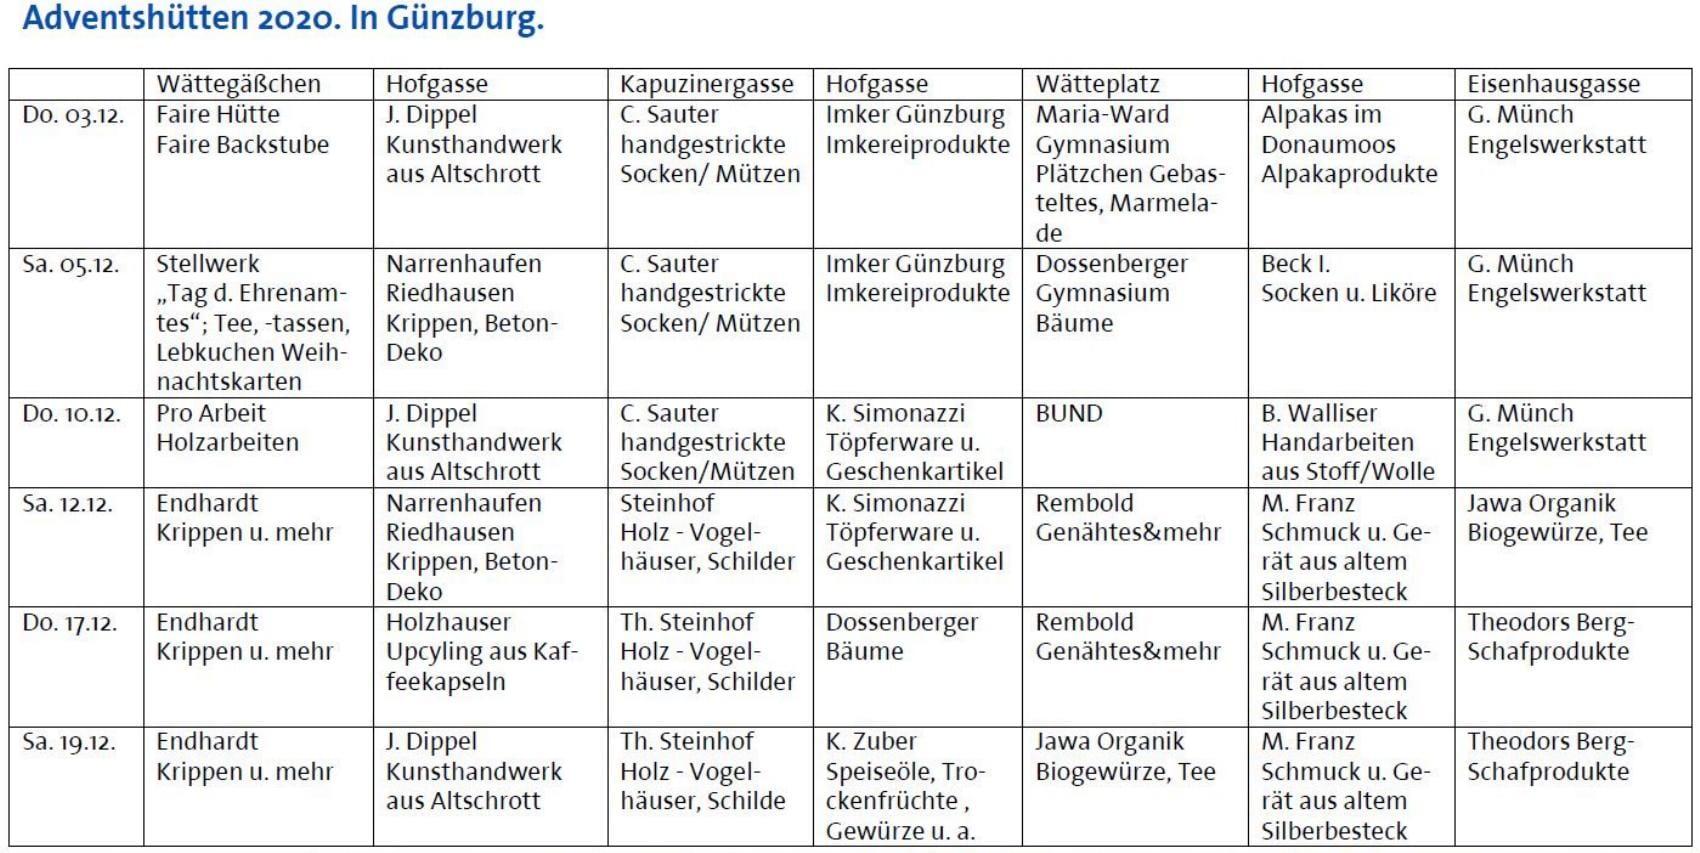 Angebot Adventshuetten Guenzburg